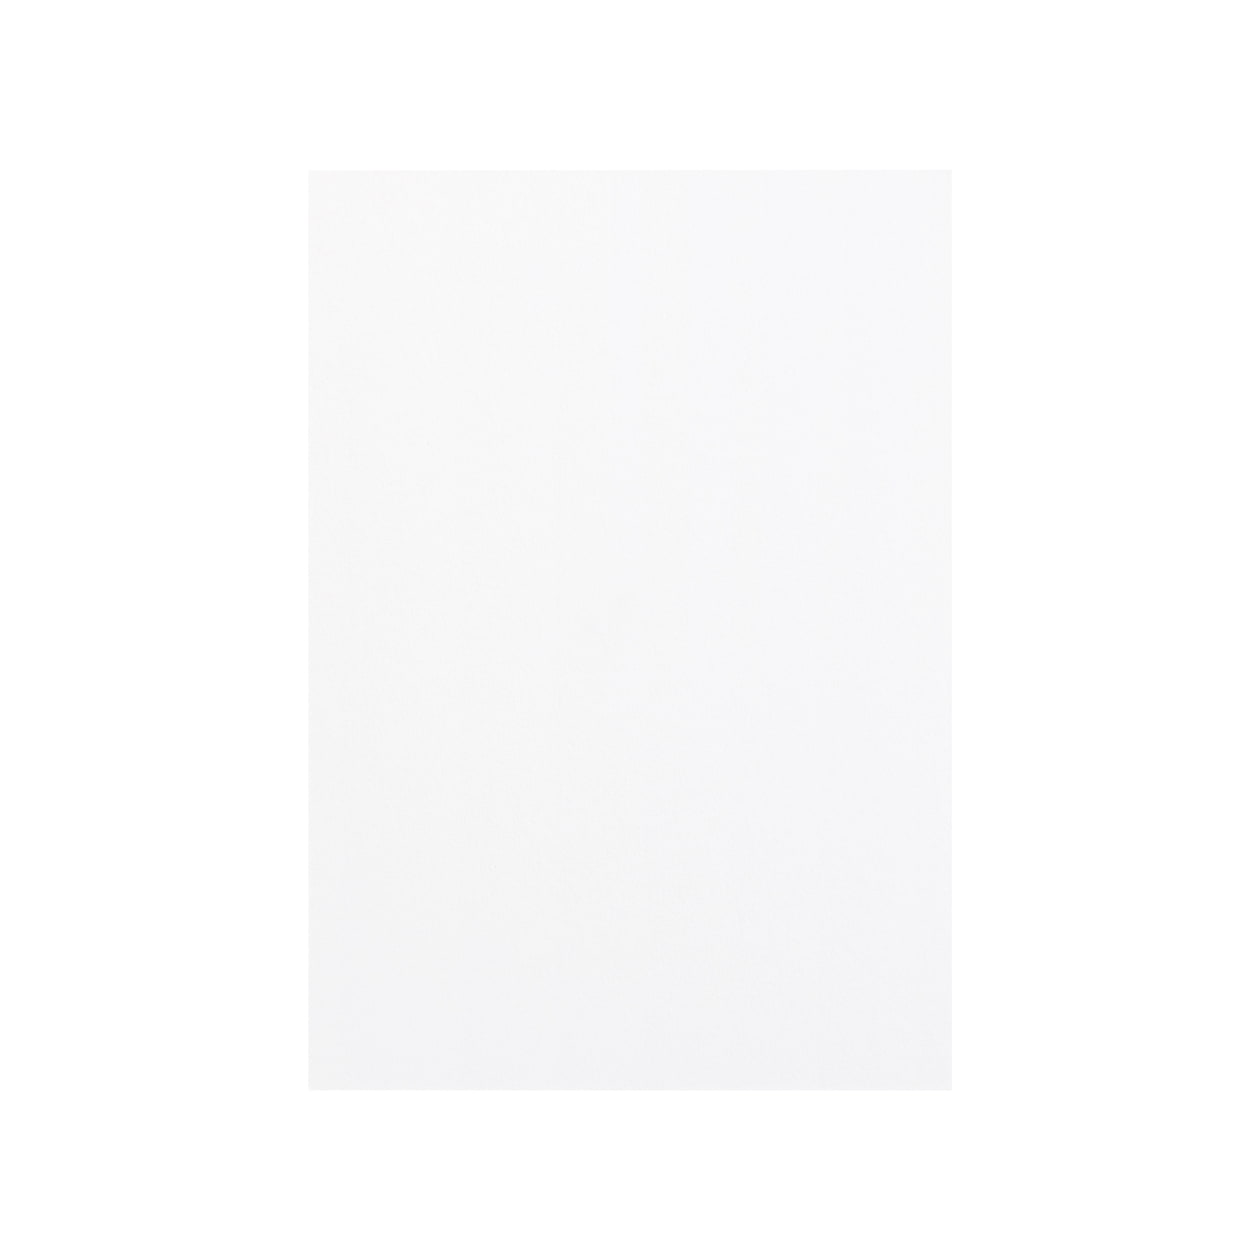 Pカード コットン スノーホワイト 1046.4g